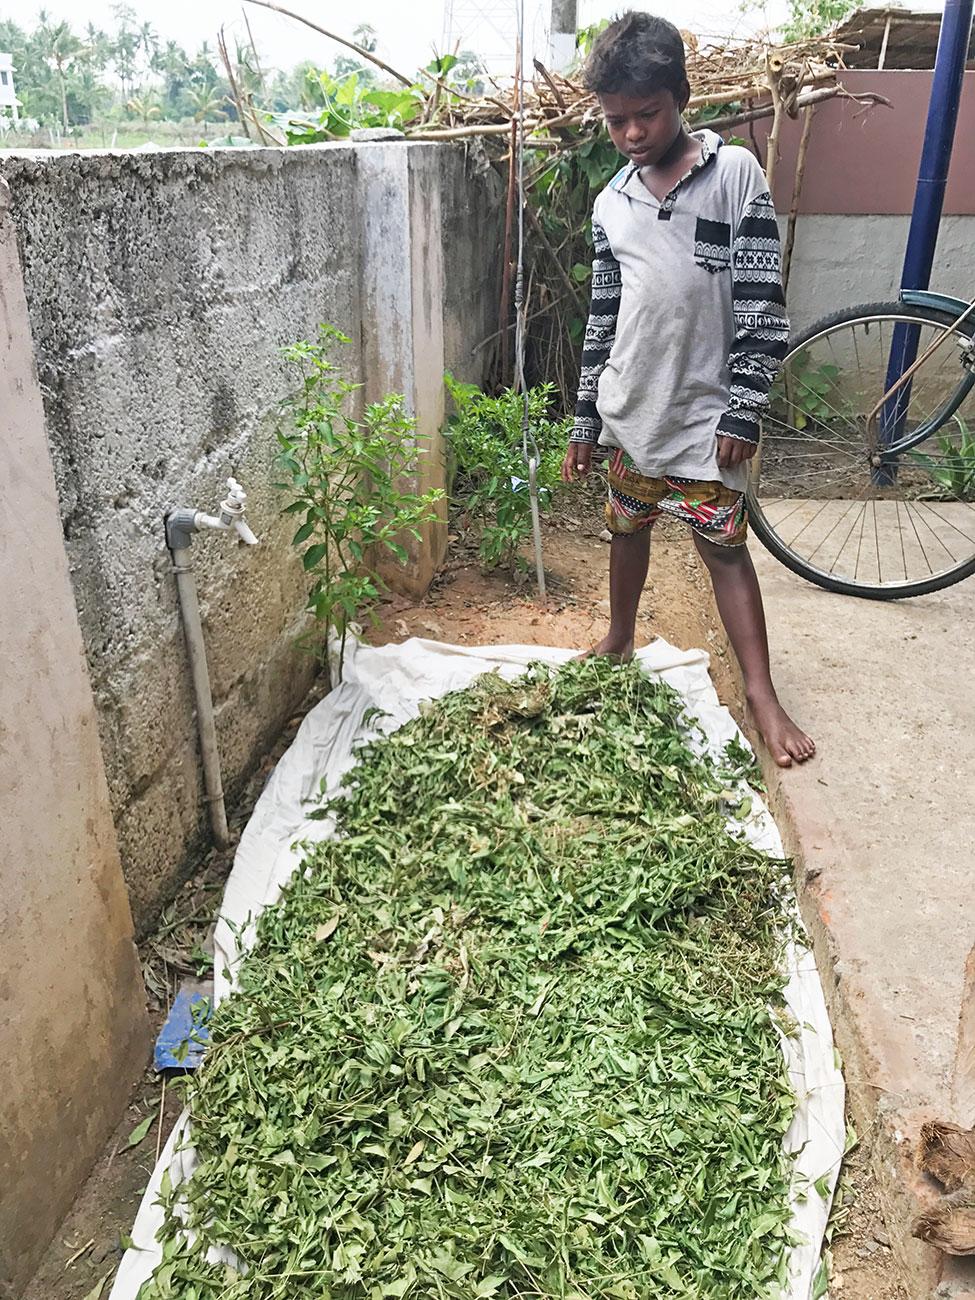 ケララ、Attappati部族のお薬の原料